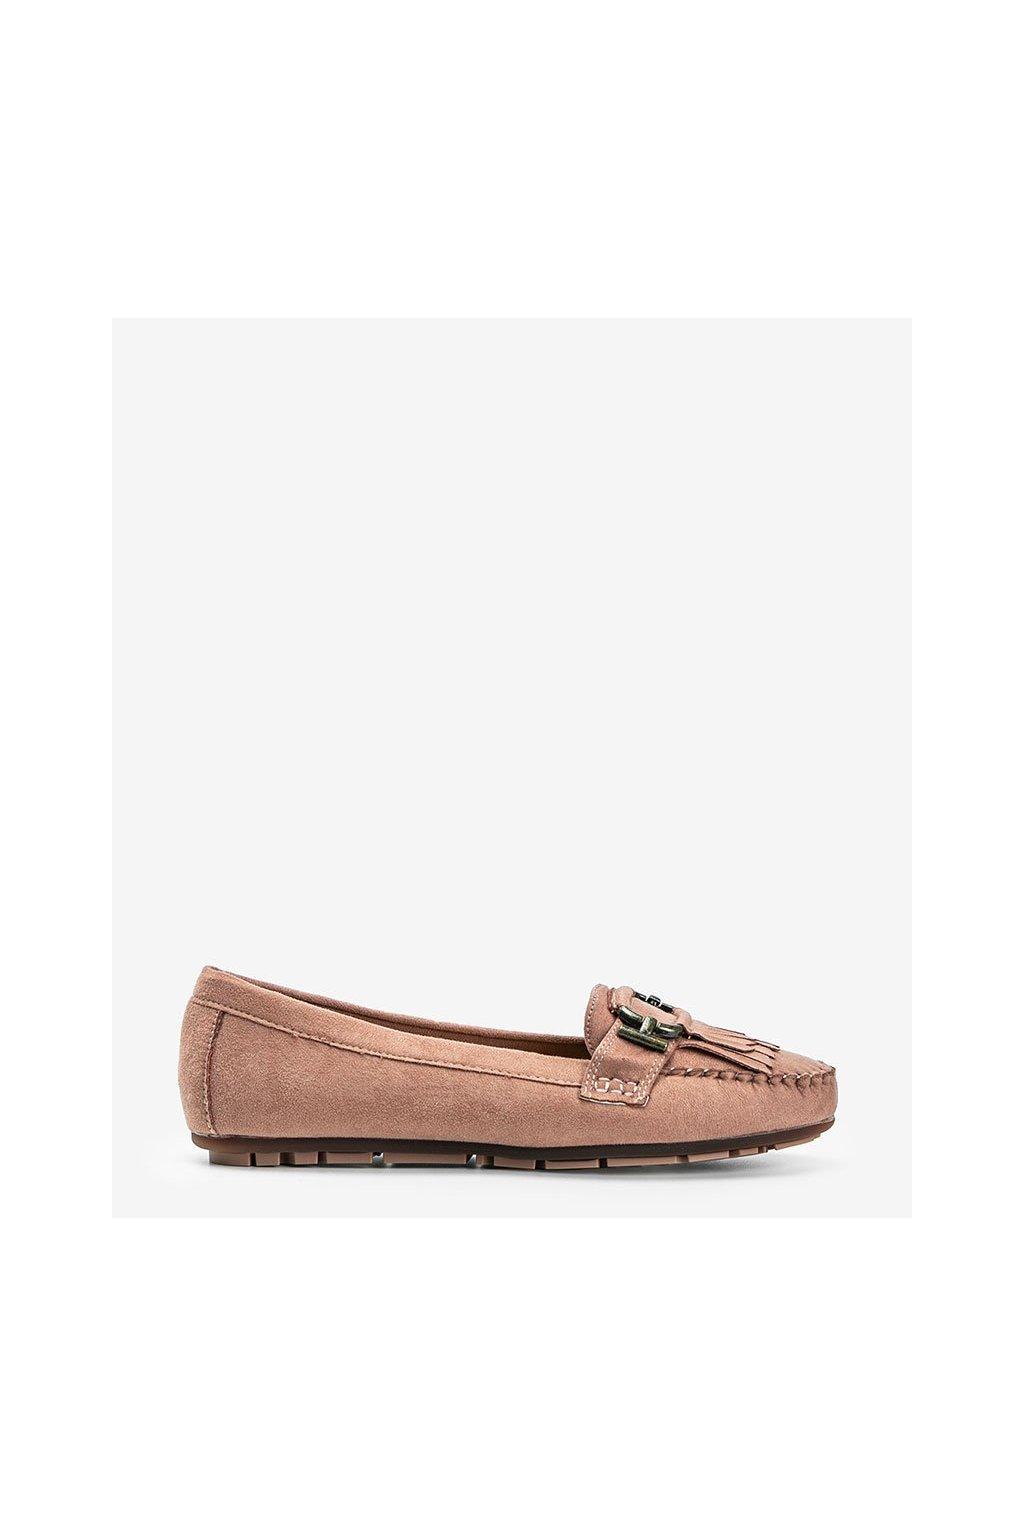 Dámske topánky mokasíny ružové kód H9260 - GM